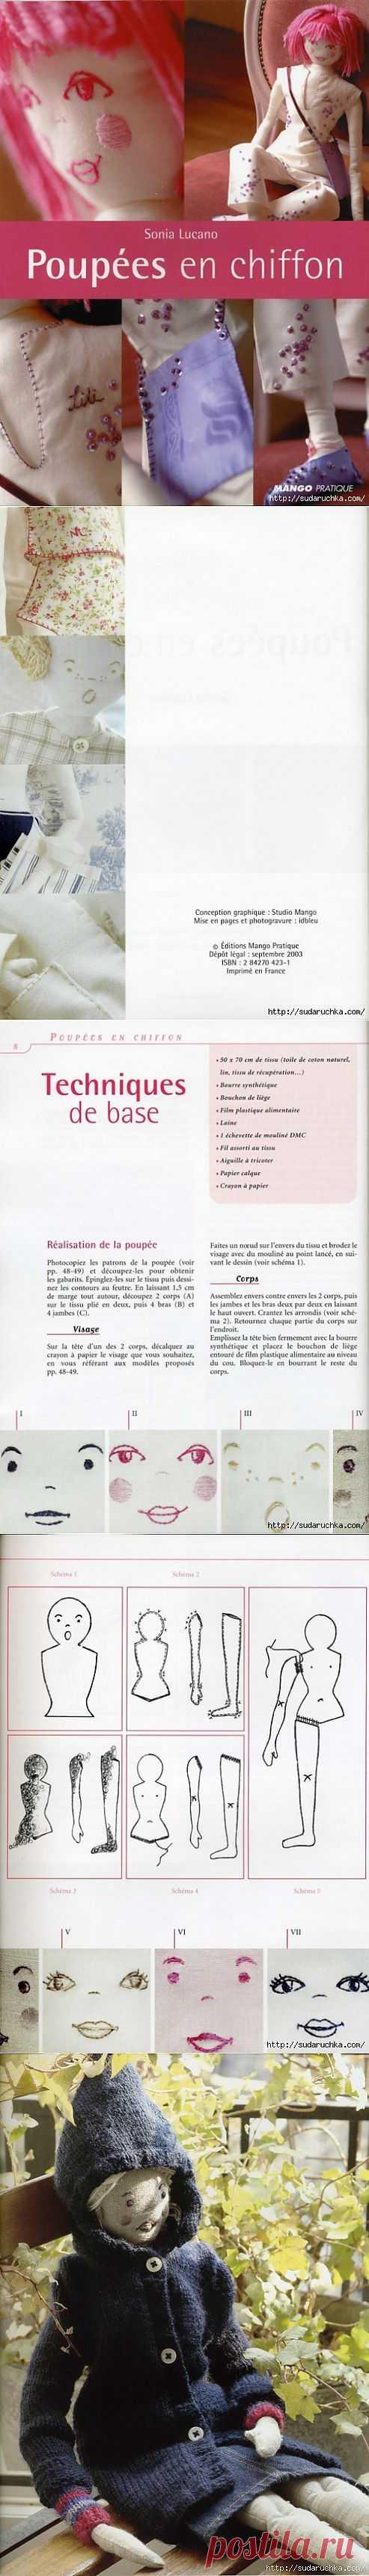 """""""Poupees en chiffon"""".Книга по пошиву текстильной куклы.."""